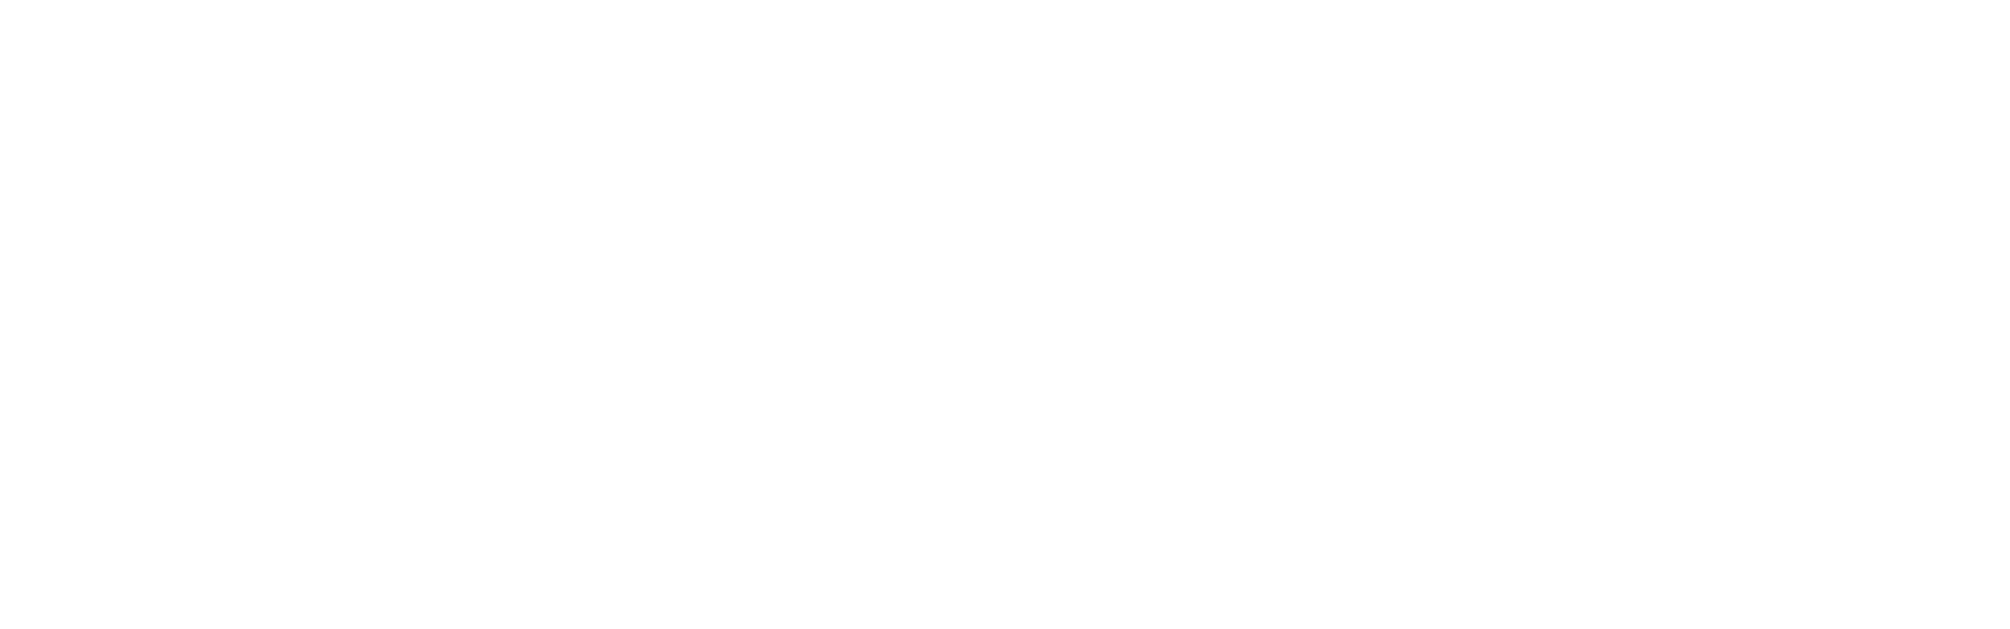 EVANGELISCHE FREIE GEMEINDE Hüttenberg-Hochelheim